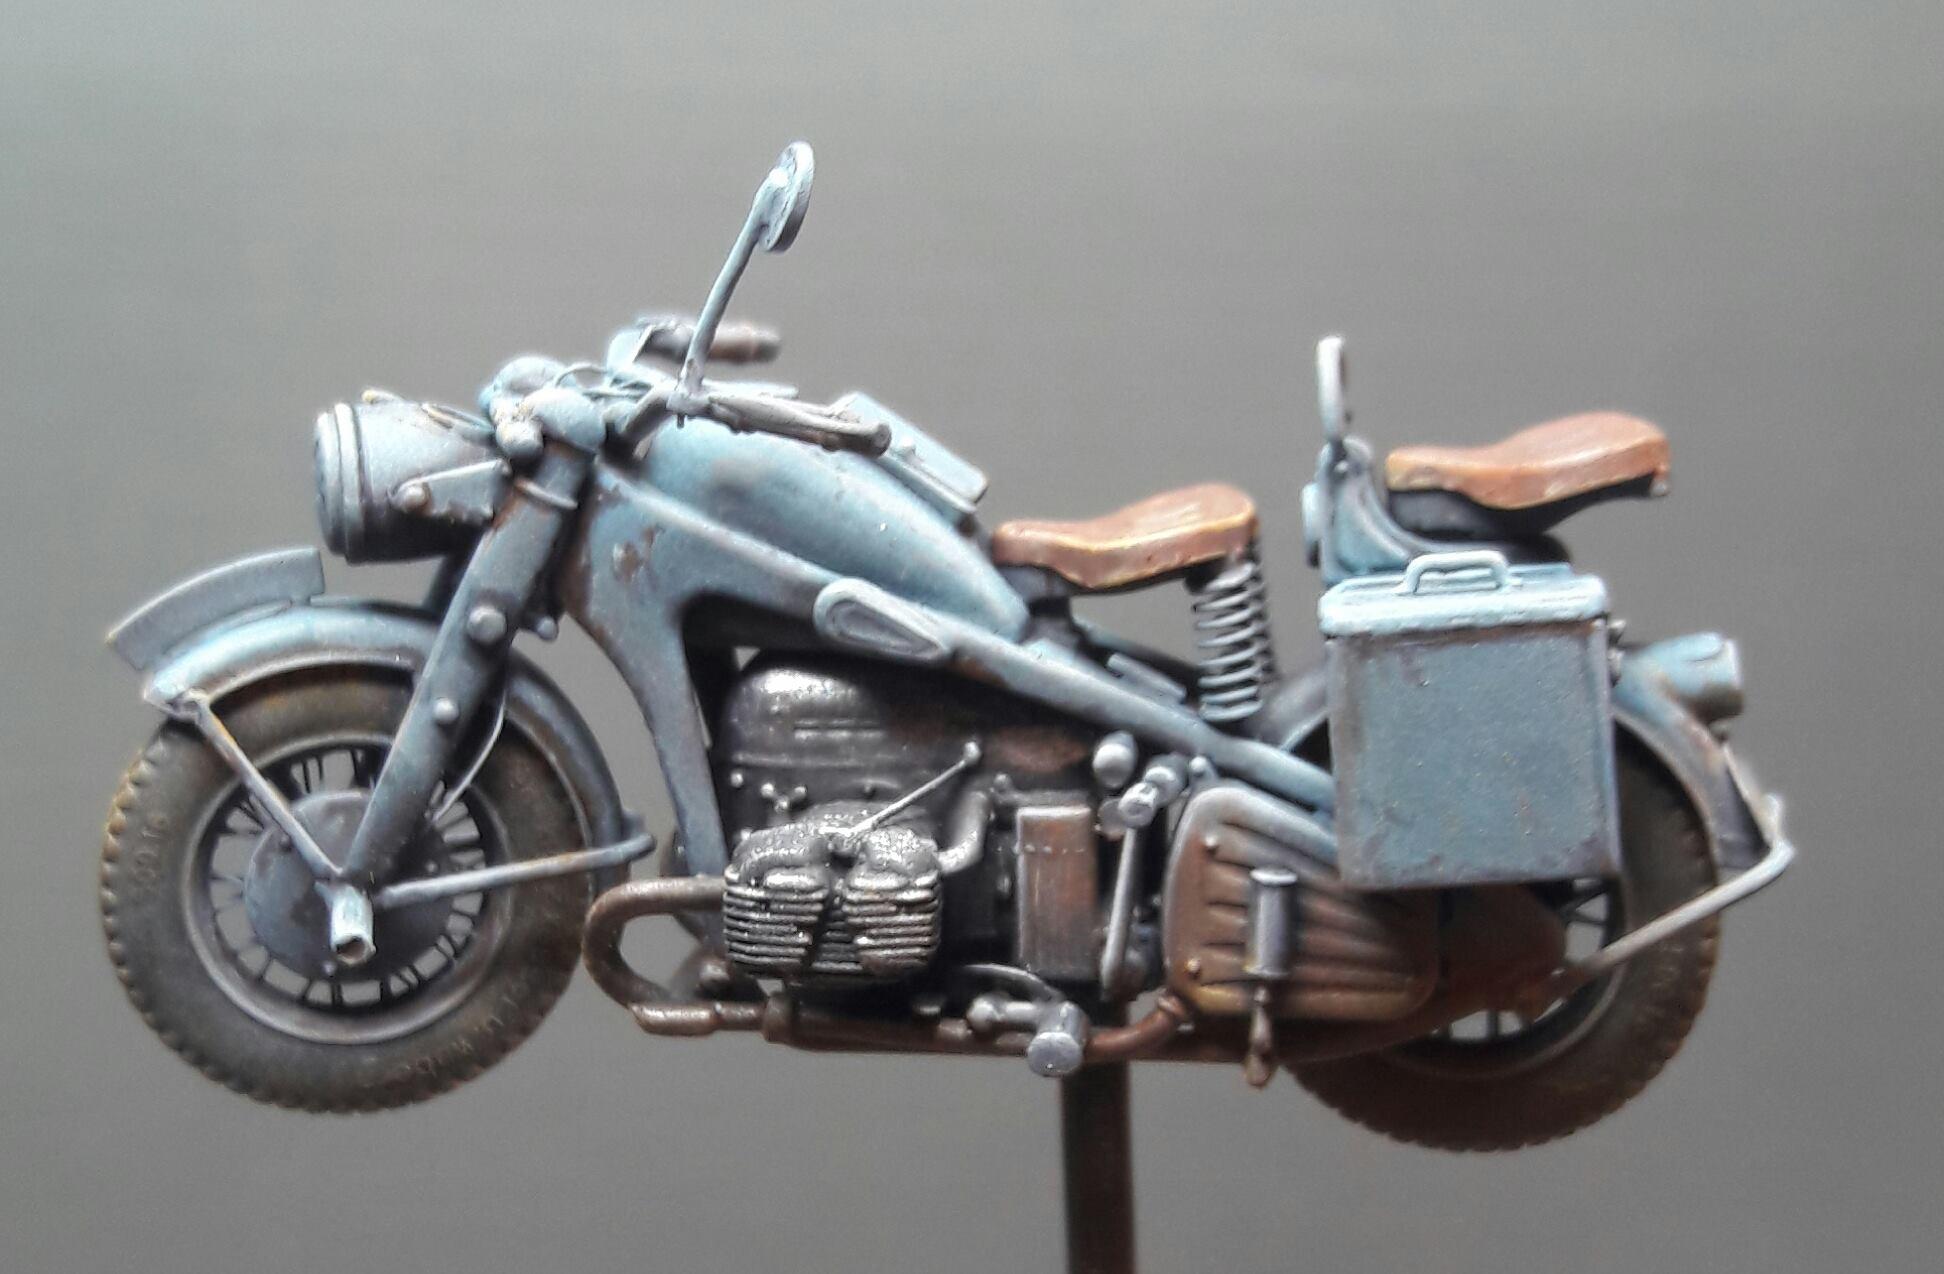 Zündapp KS750 - Sidecar - Great Wall Hobby + figurines Alpine - 1/35 - Page 4 1696131988578310211770307227688386811837o